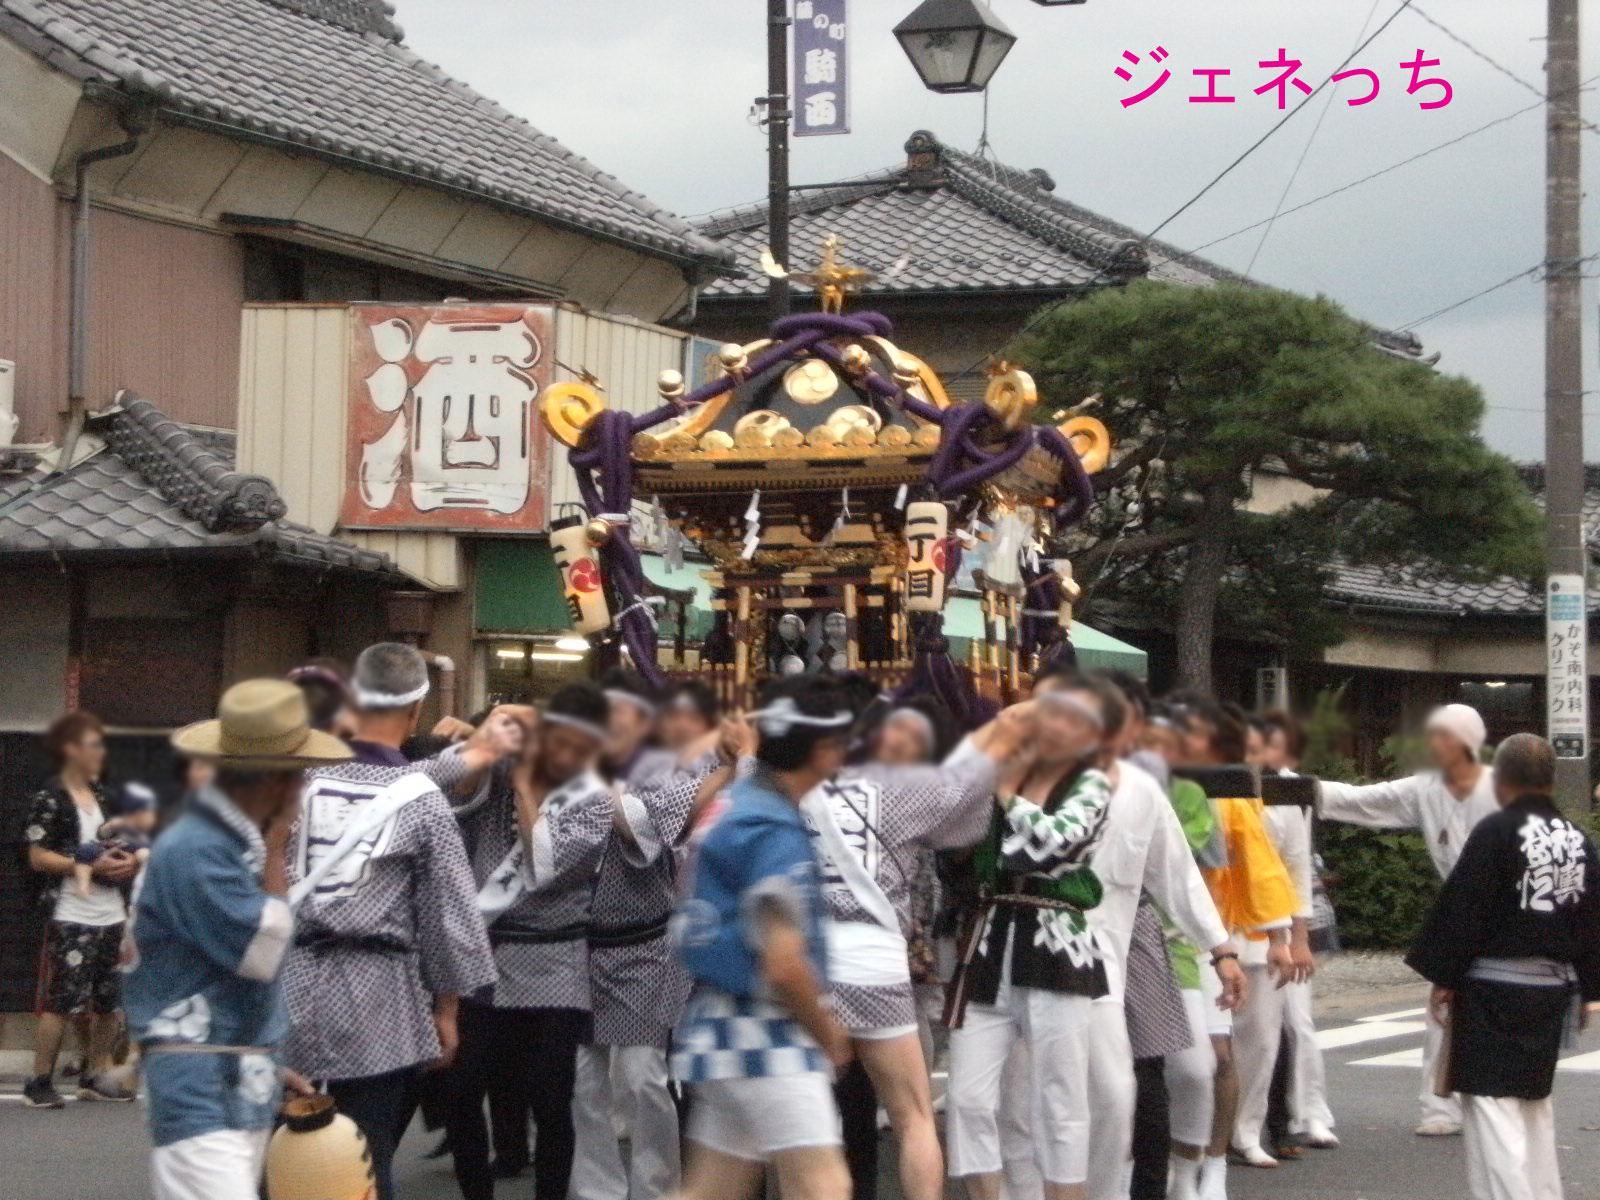 騎西の夏祭り2013.⑧